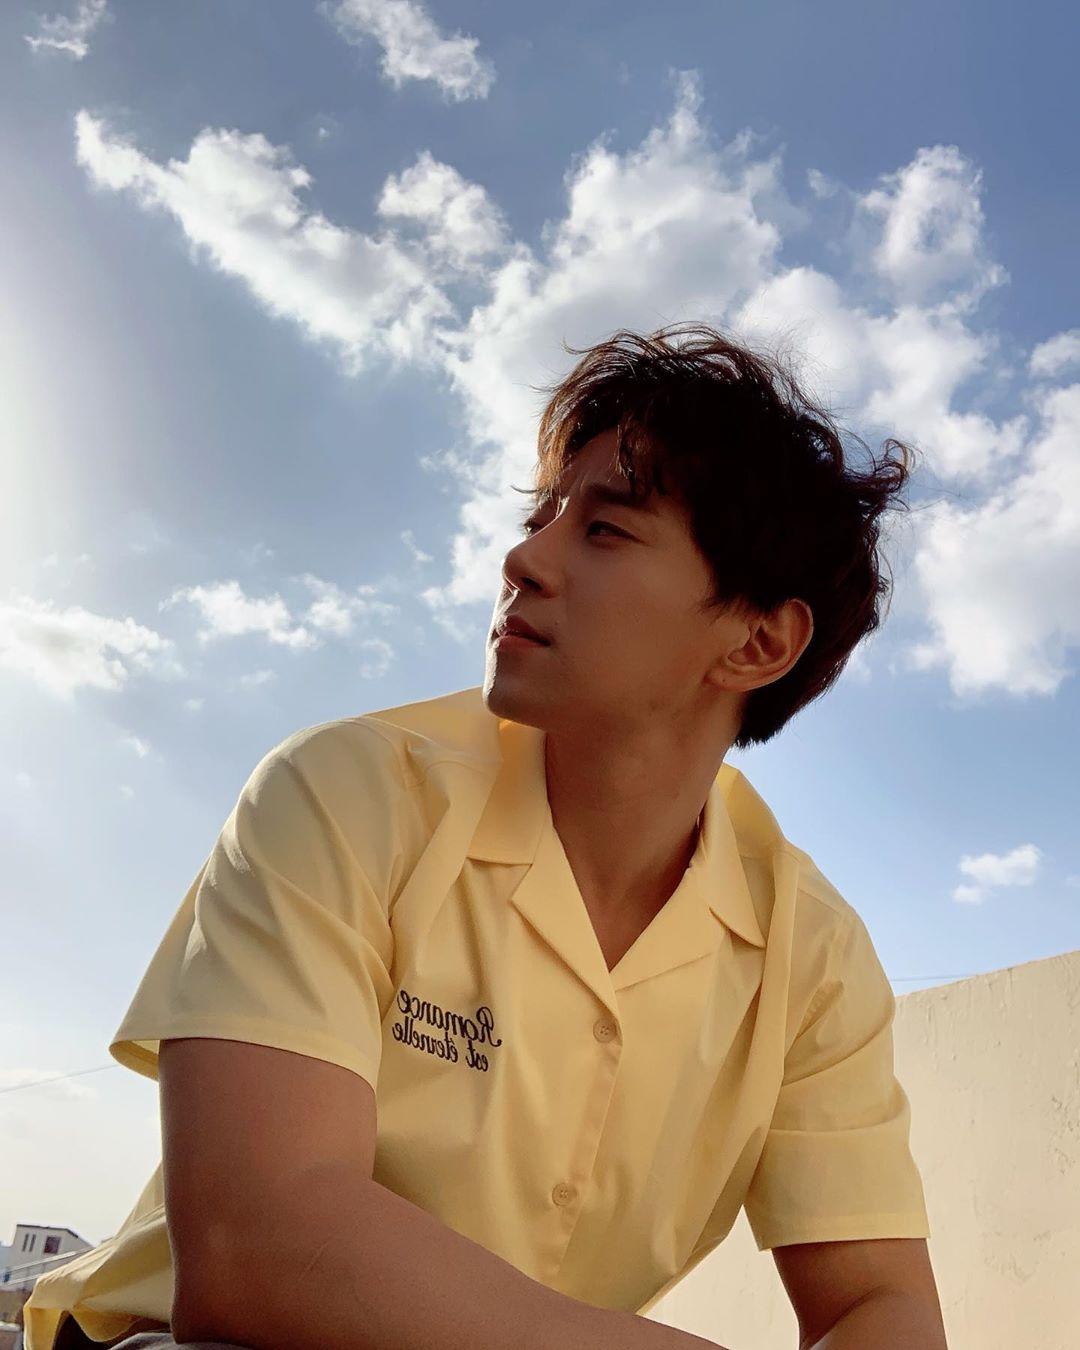 [黄致列][分享]191102 清清爽爽的大男孩 在蓝天白云下帅气加倍